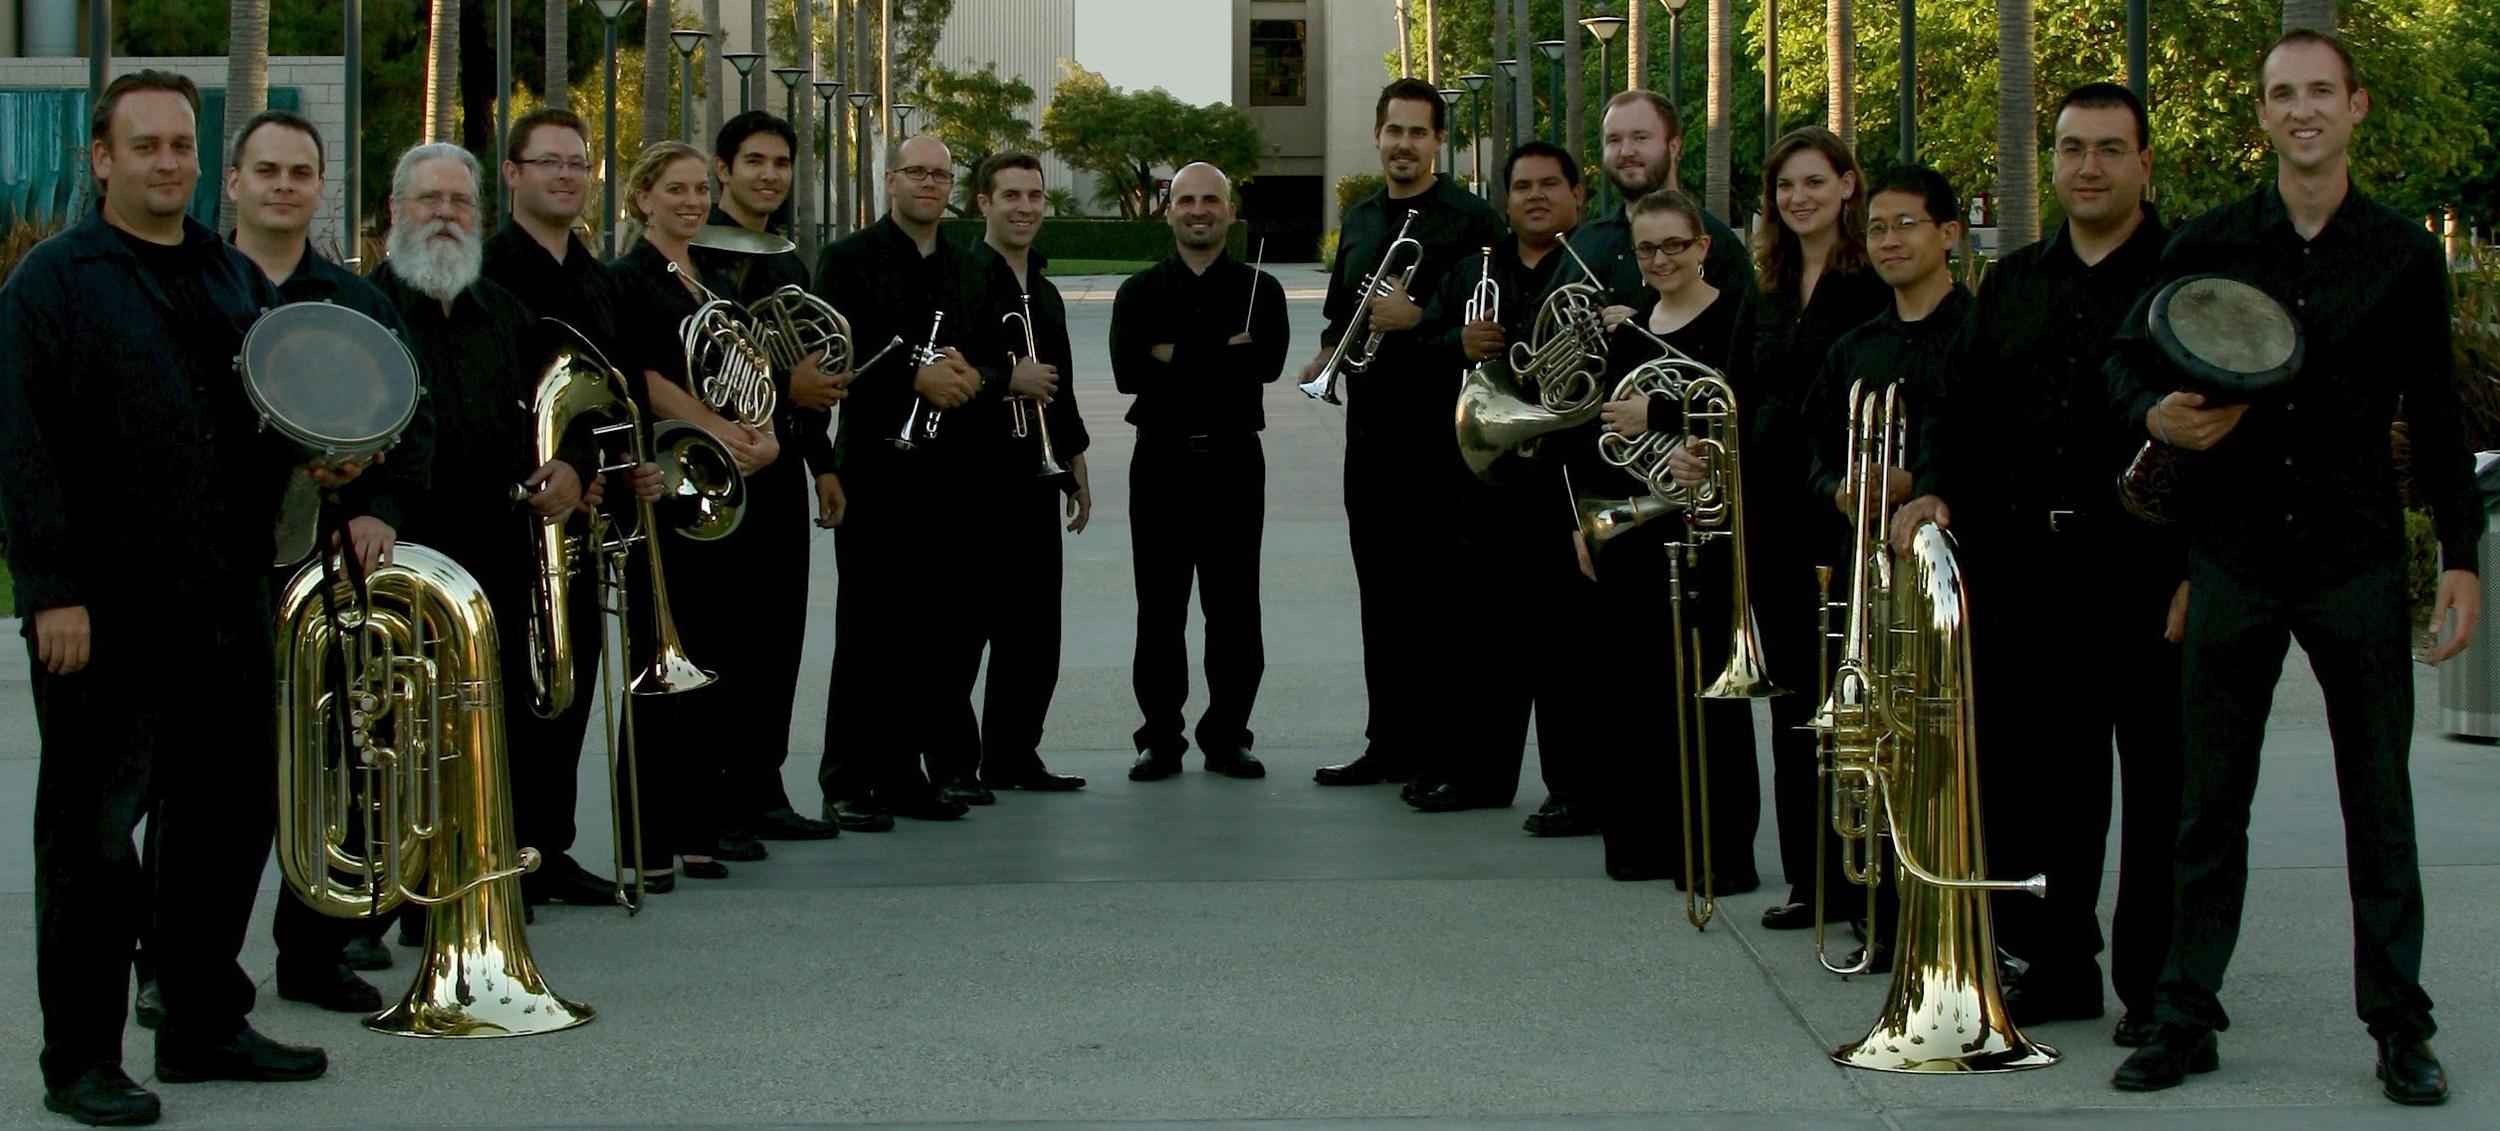 Pacific Brass Ensemble